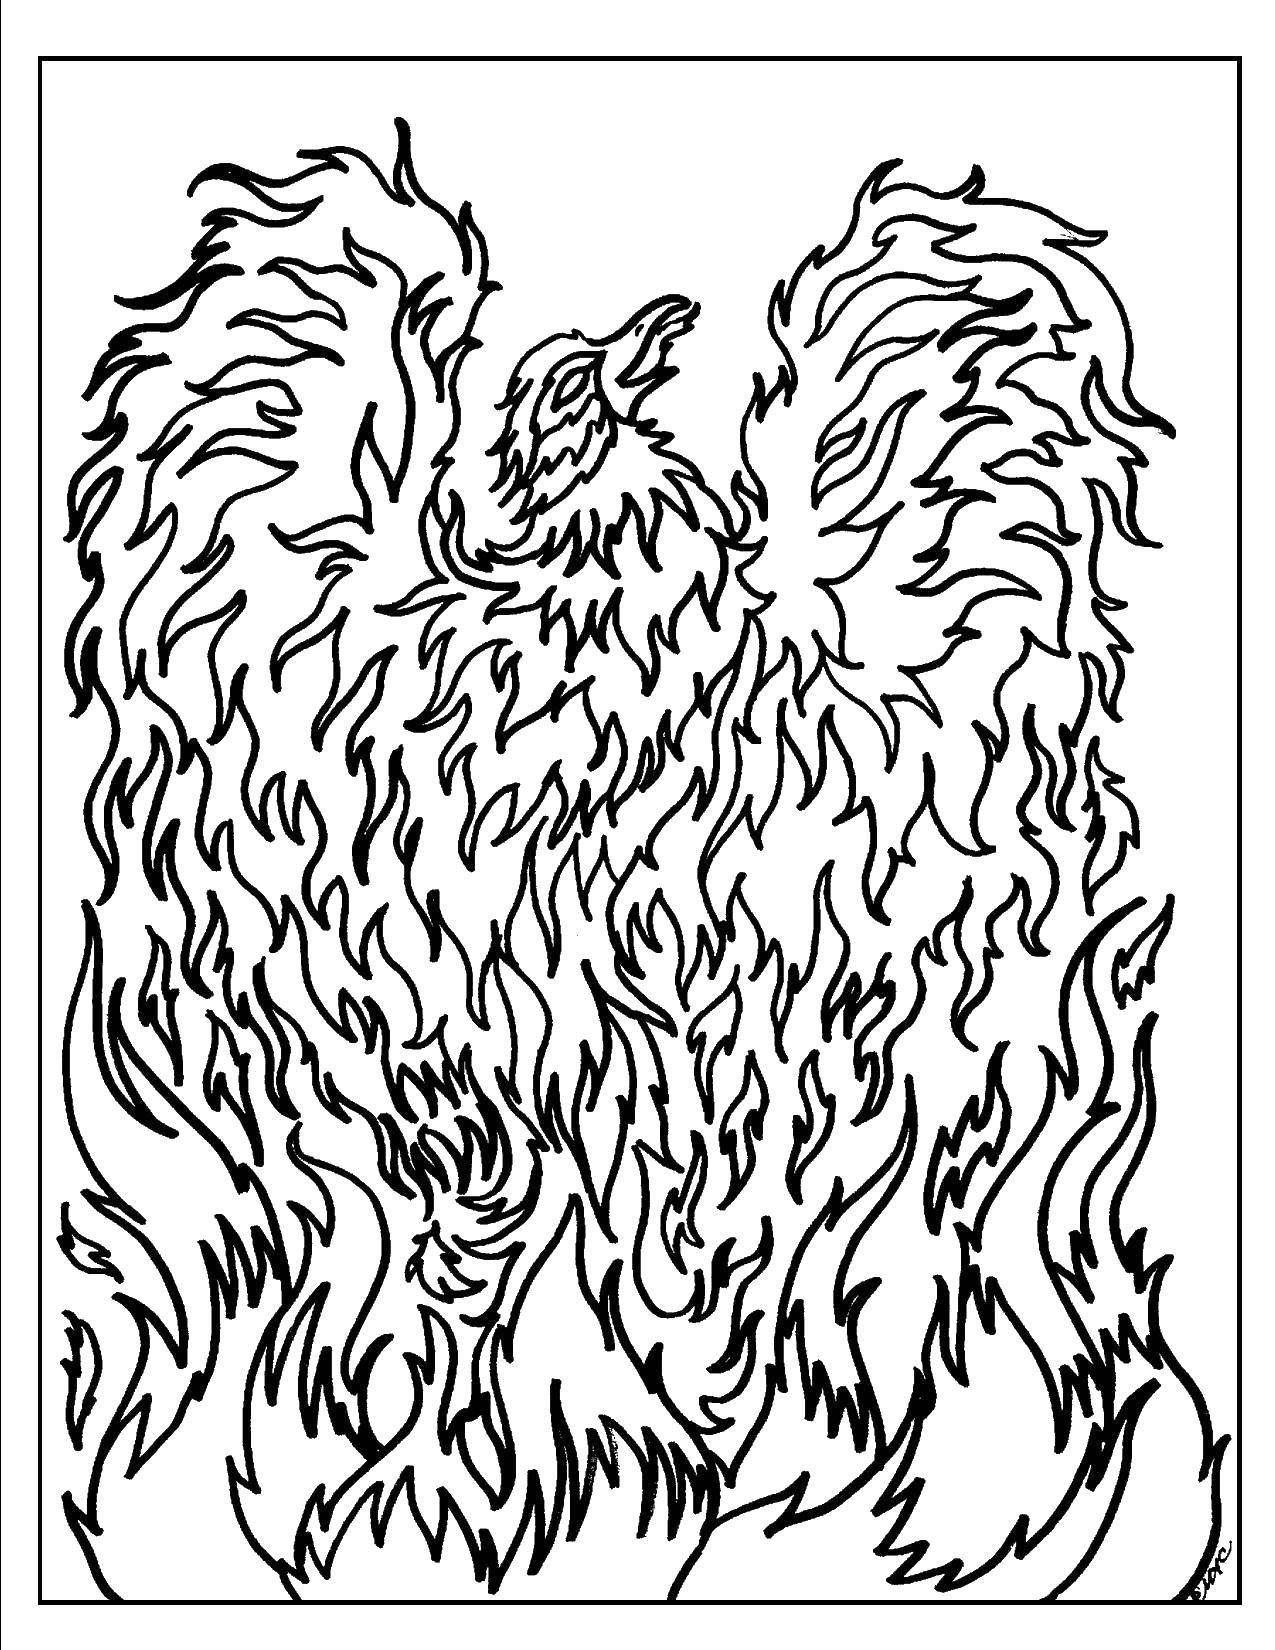 раскраски огня и пламени распечатать электрические гирлянды